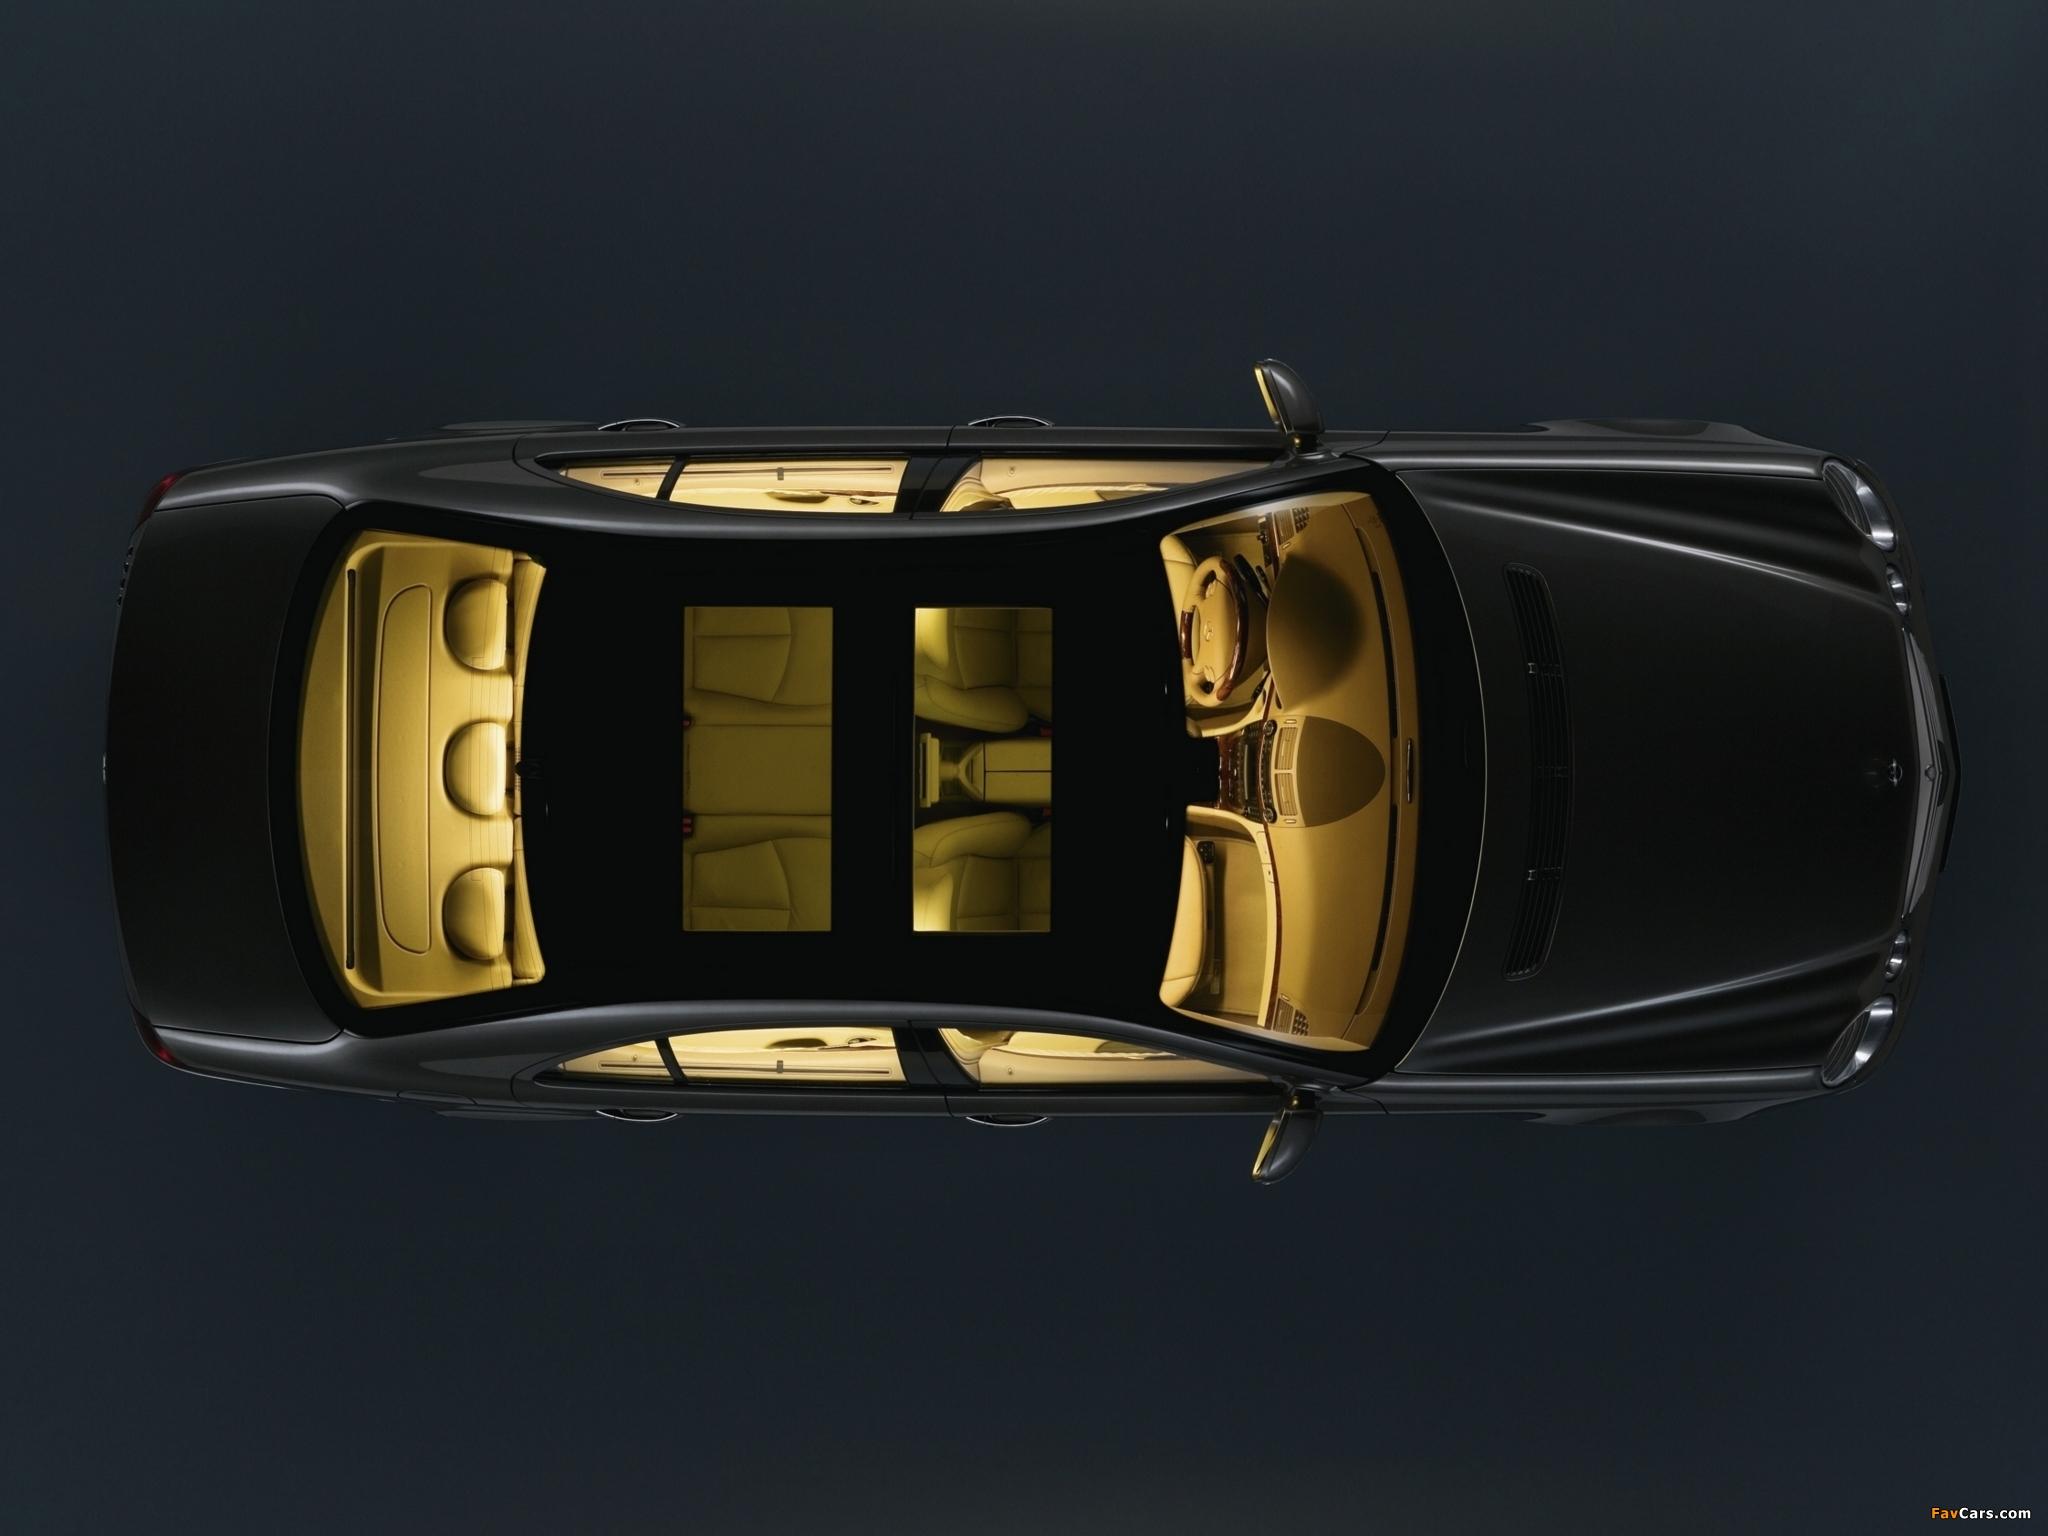 Какие функции в Mercedes E-Class (W211) выполняет панель управления под потолком